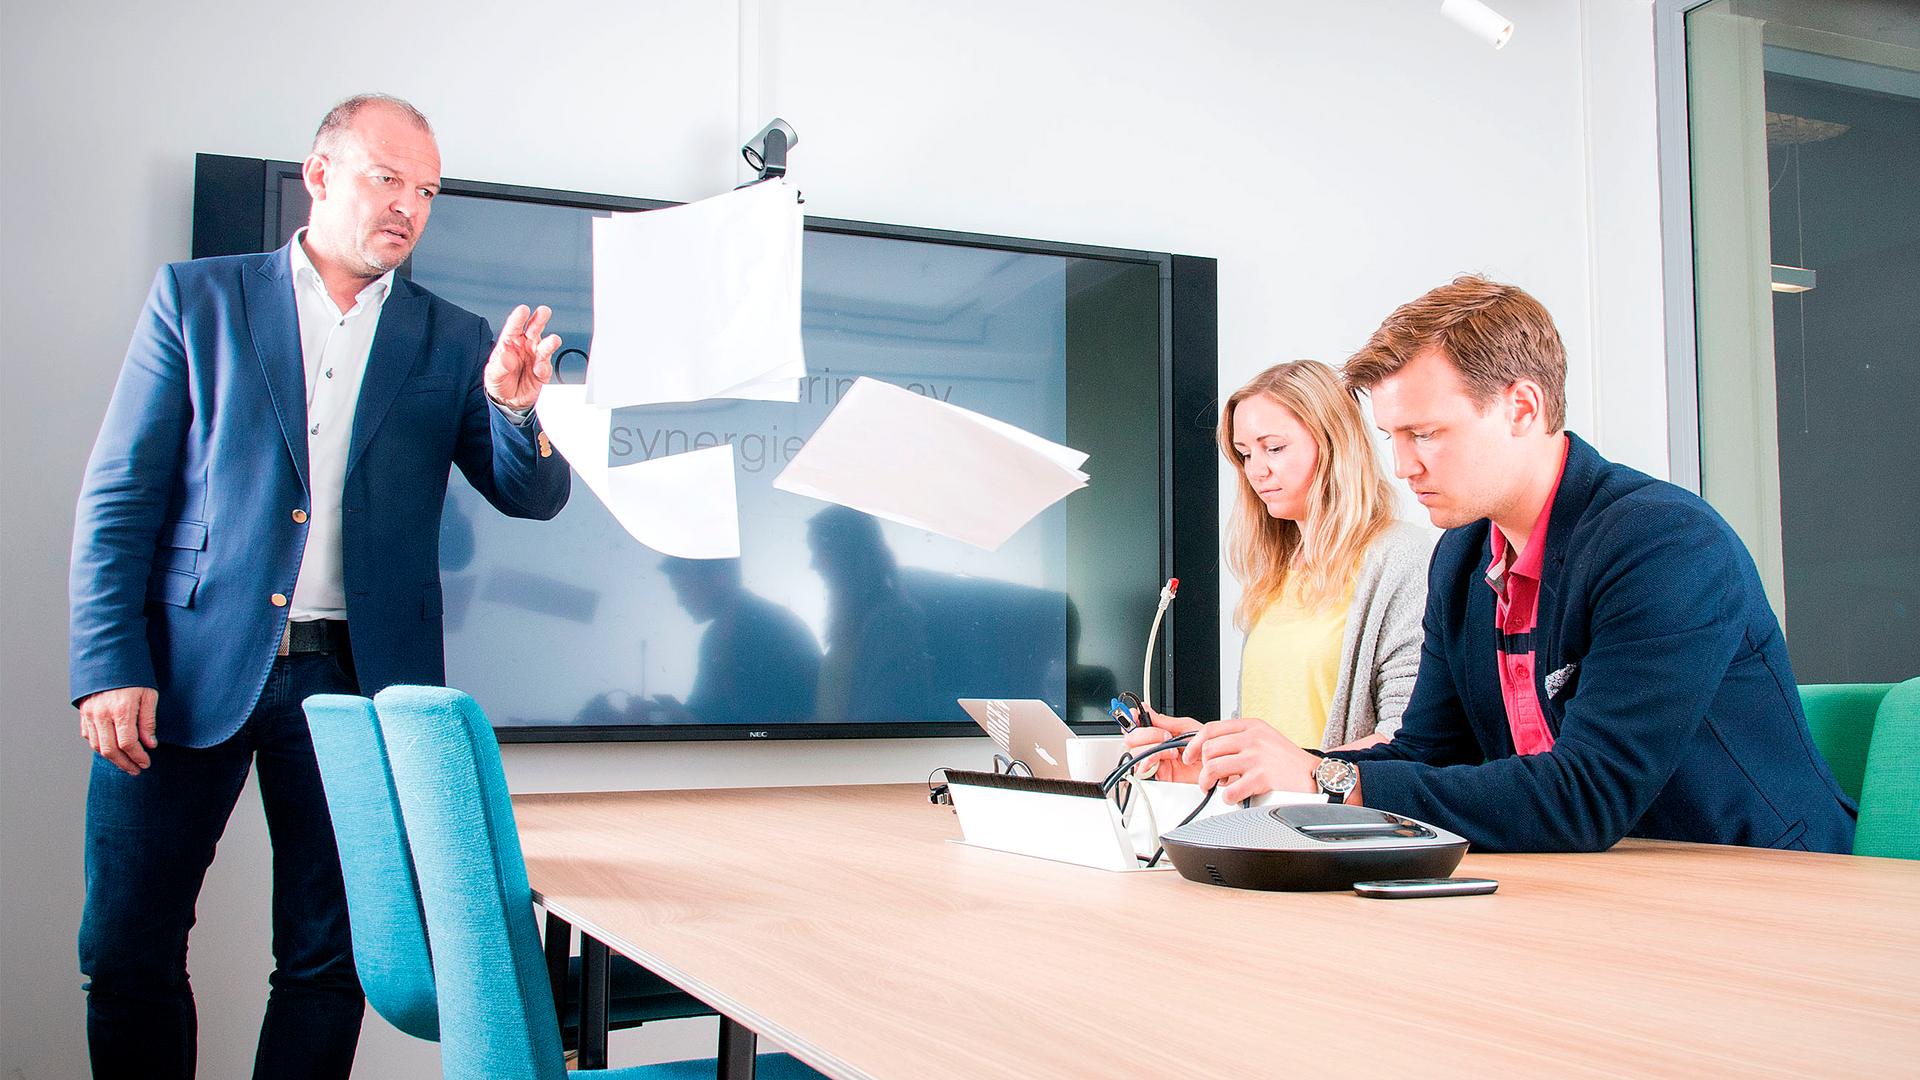 ANNONSE: Bli med inn på møterommet der alt bare fungerer